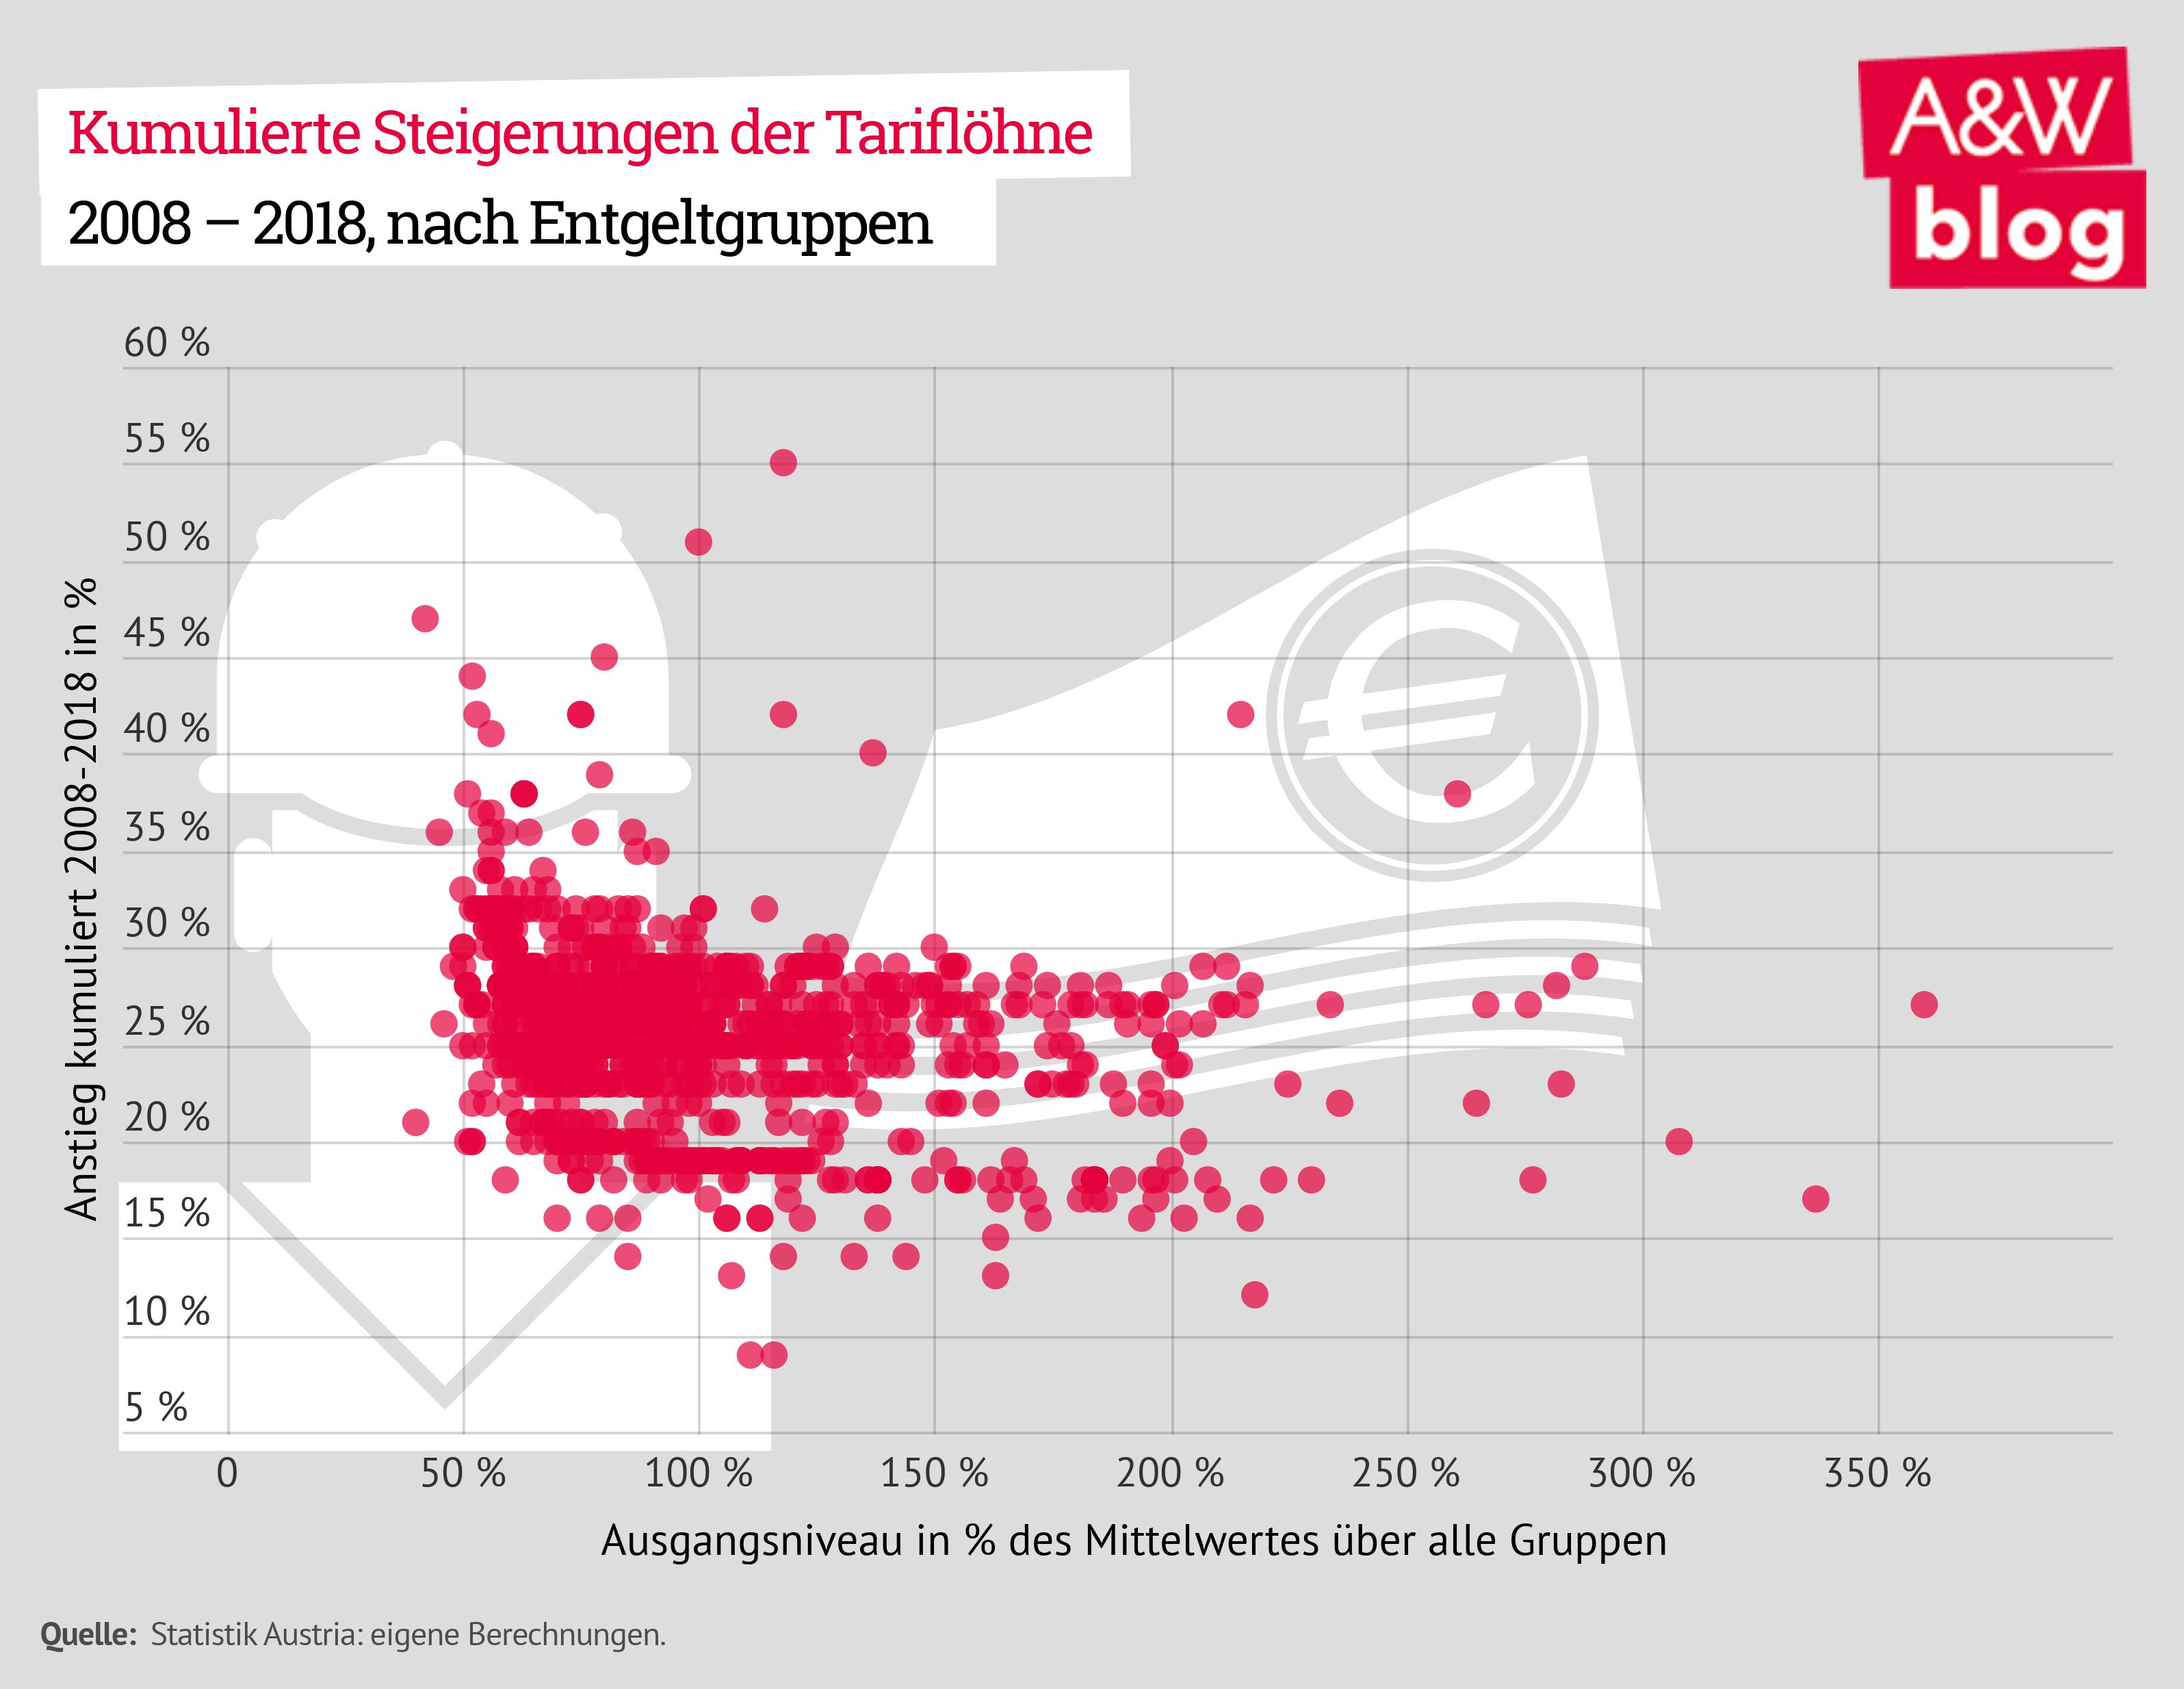 Kumulierte Steigerungen der Tariflöhne 2008 – 2018